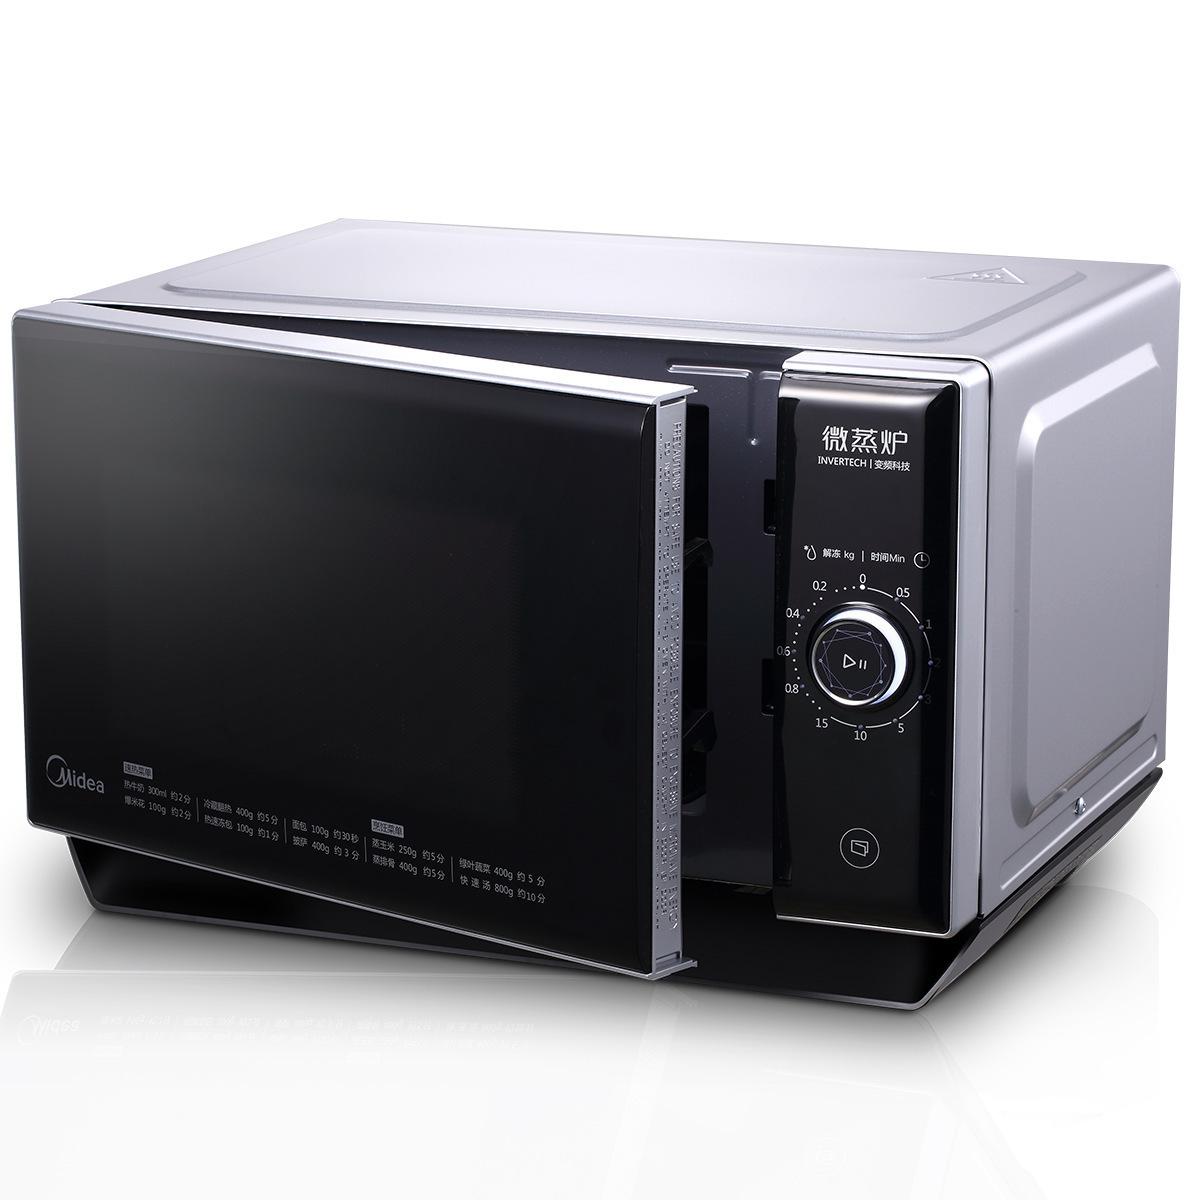 Midea Lò vi sóng, lò nướng Midea M1-209D chuyển đổi tần số lò vi sóng máy tính để bàn hấp điện mini